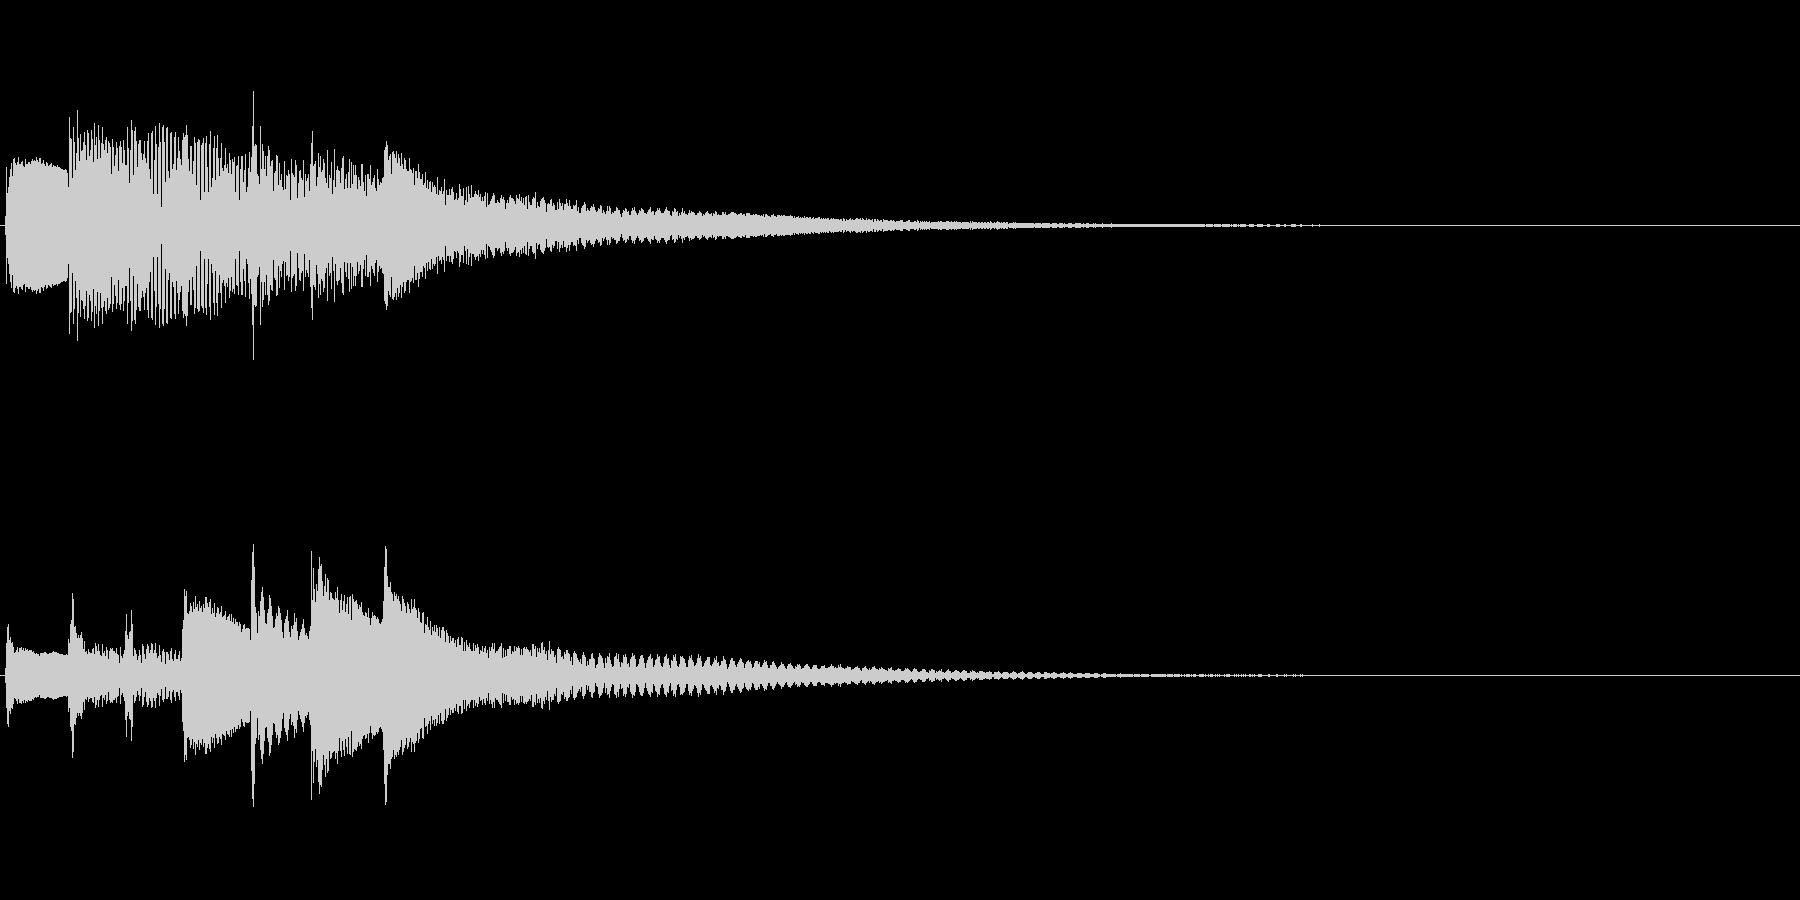 生演奏ピアノによる通知音 スタートアップの未再生の波形